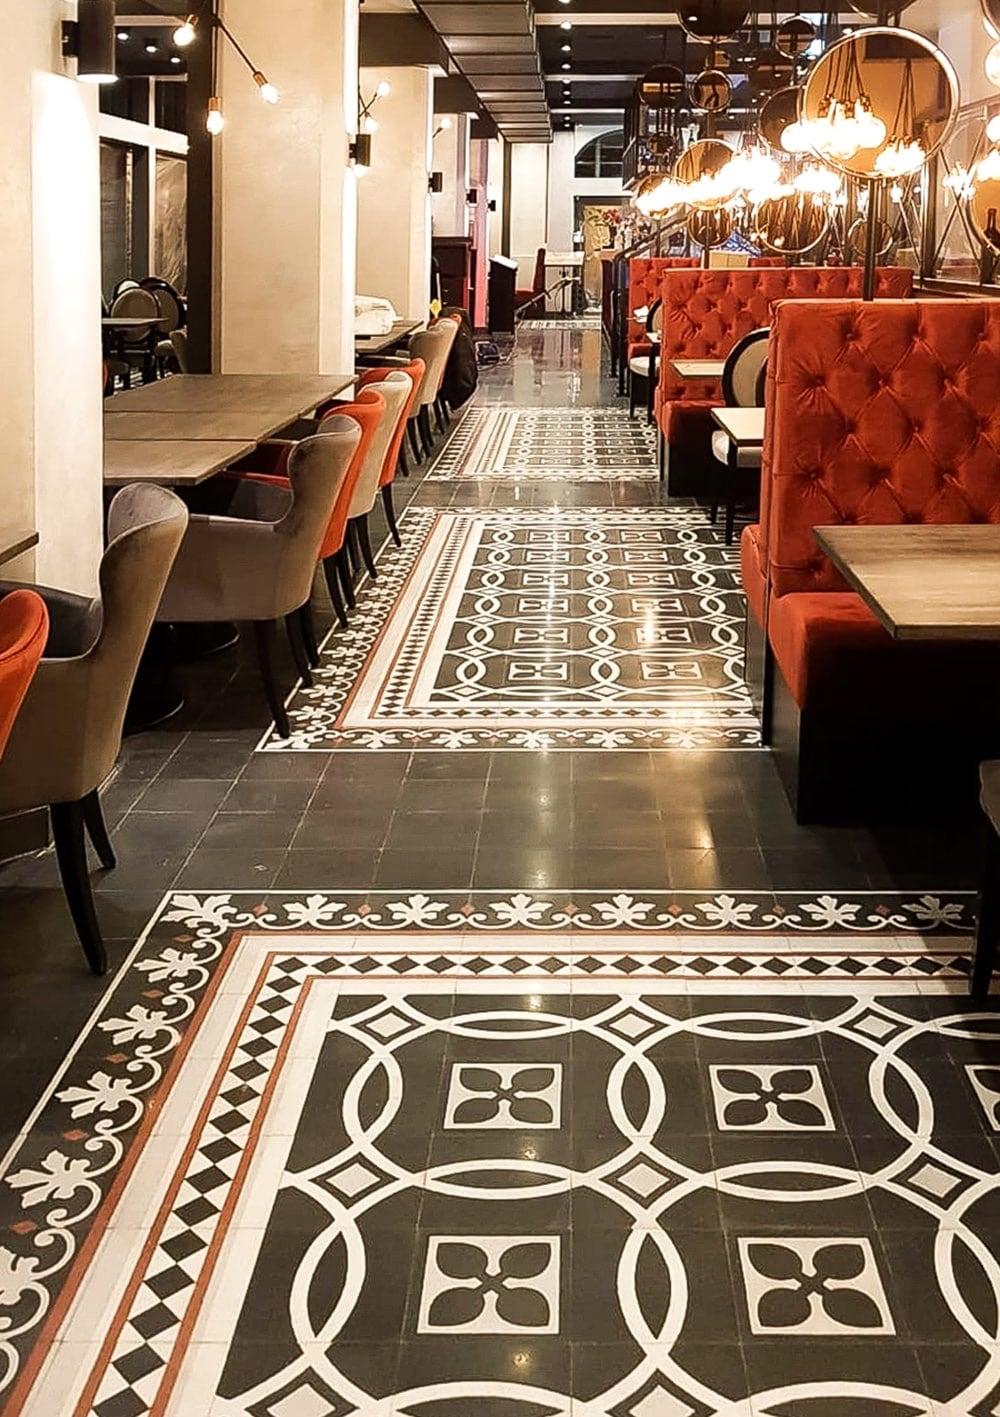 via_terrazzoplatten_rialto_restaurant_wismar | 710401